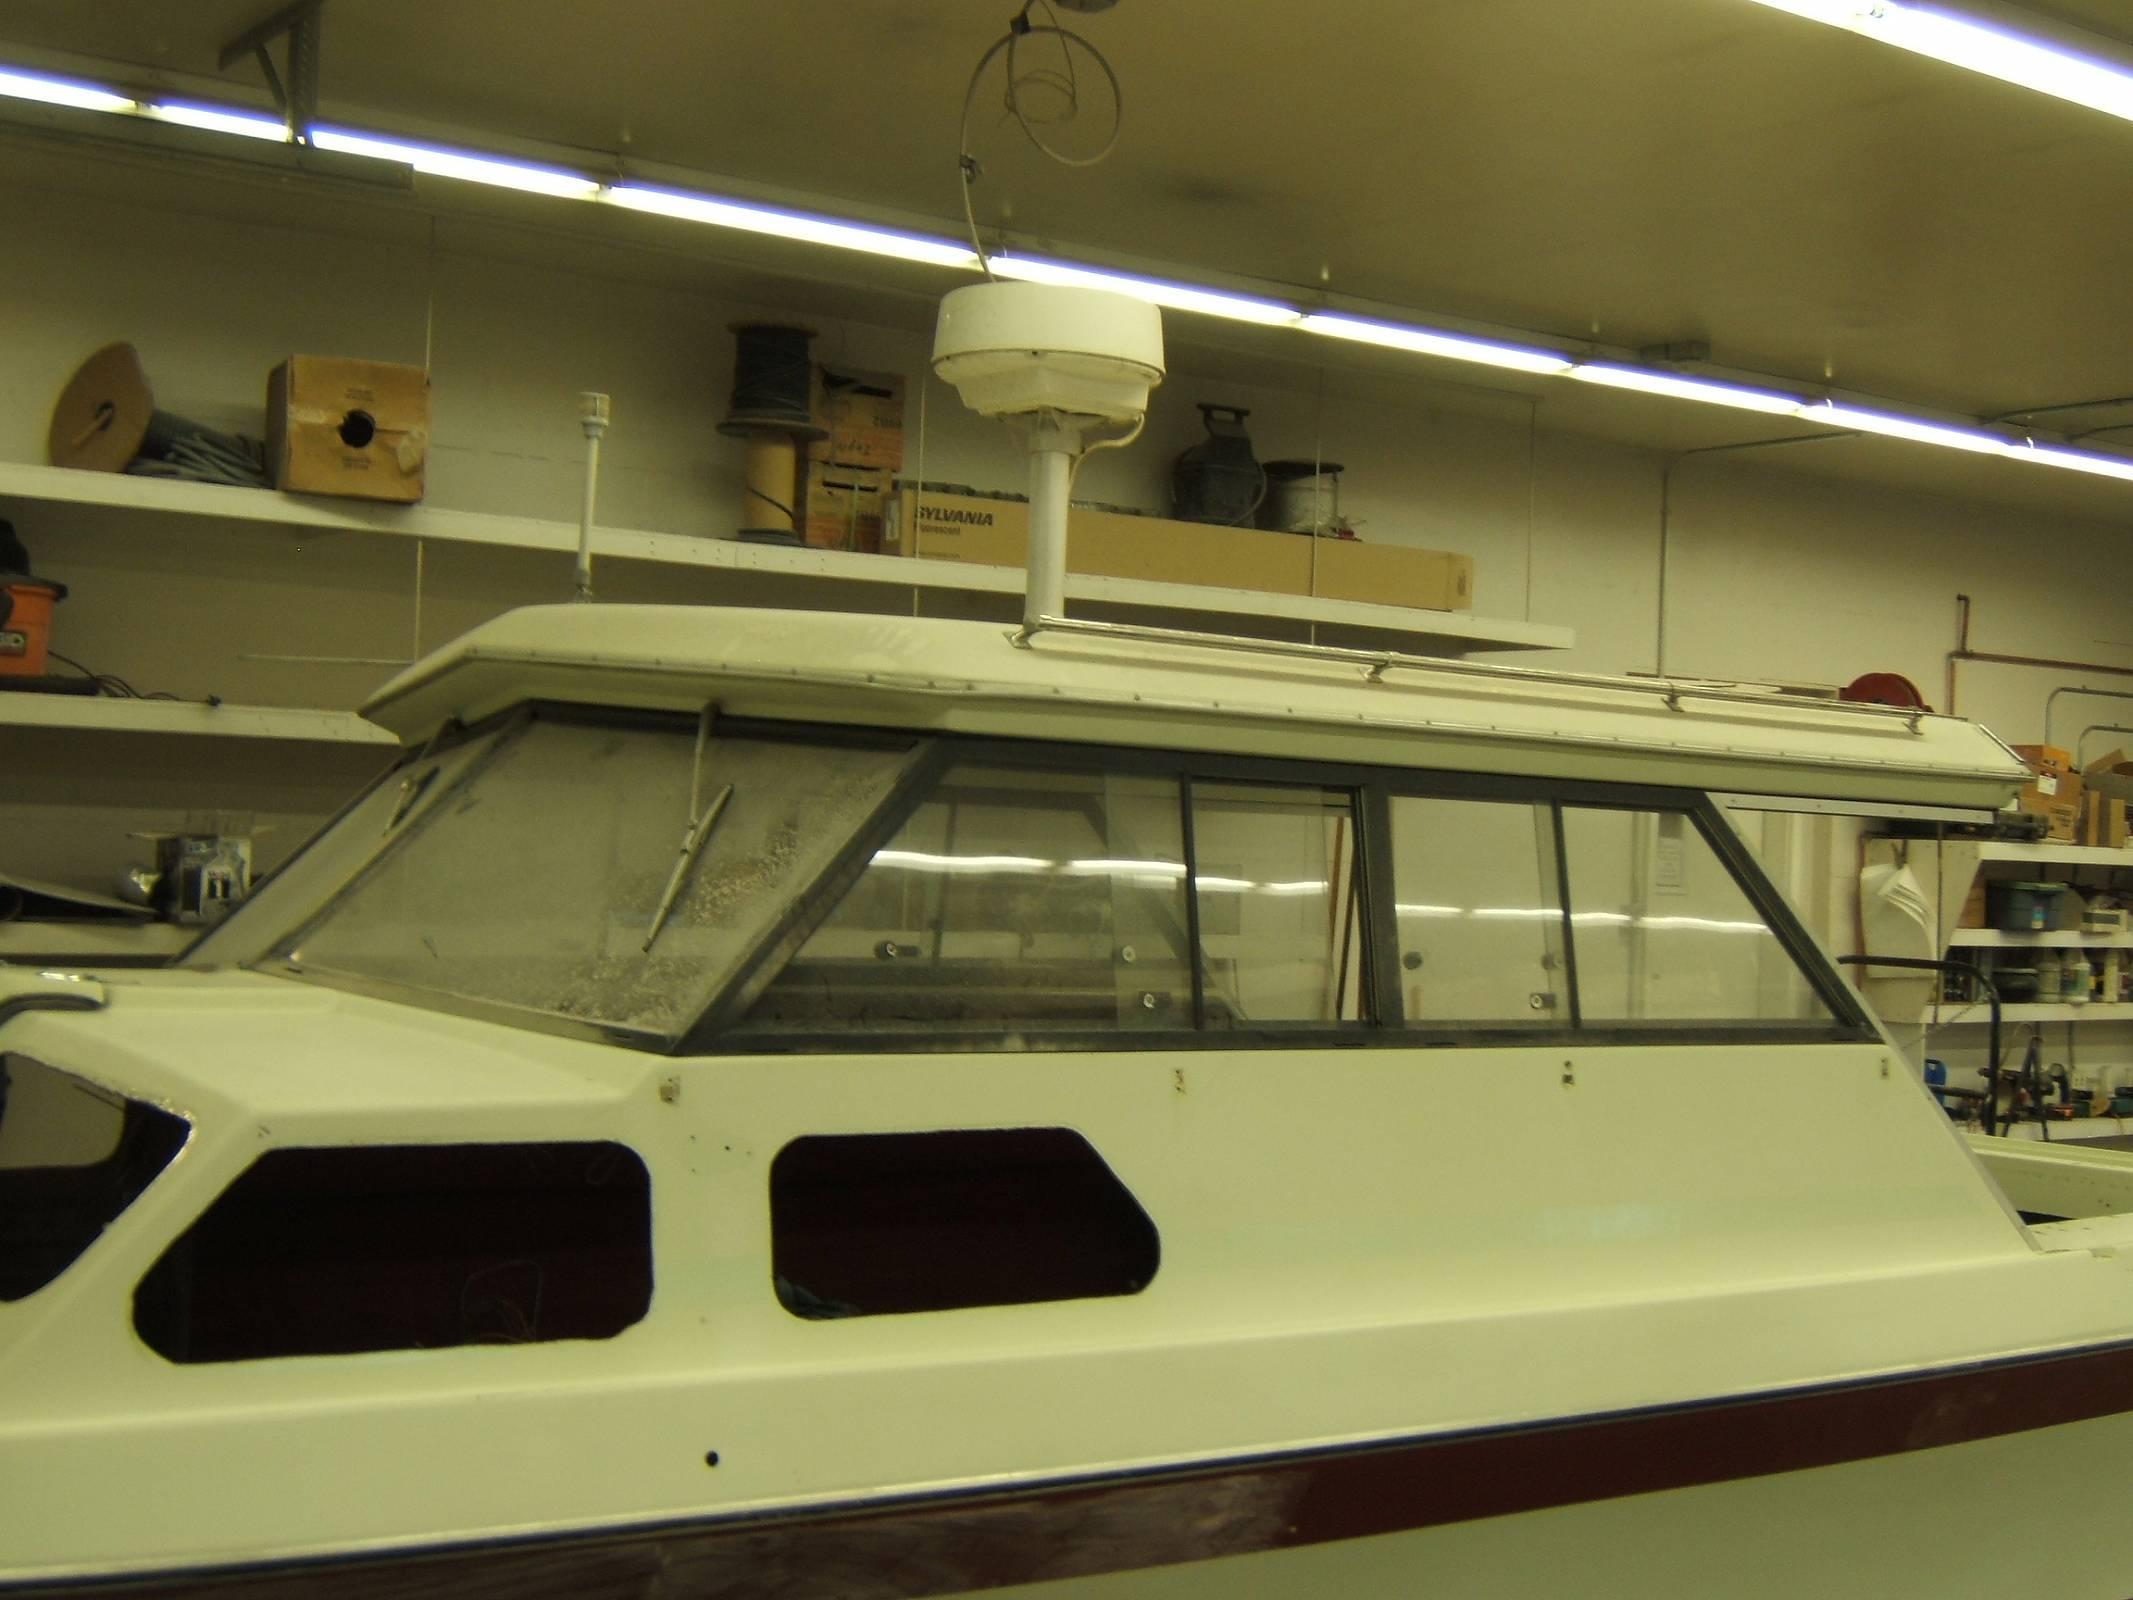 Aluminum window extrusions | Boat Design Net